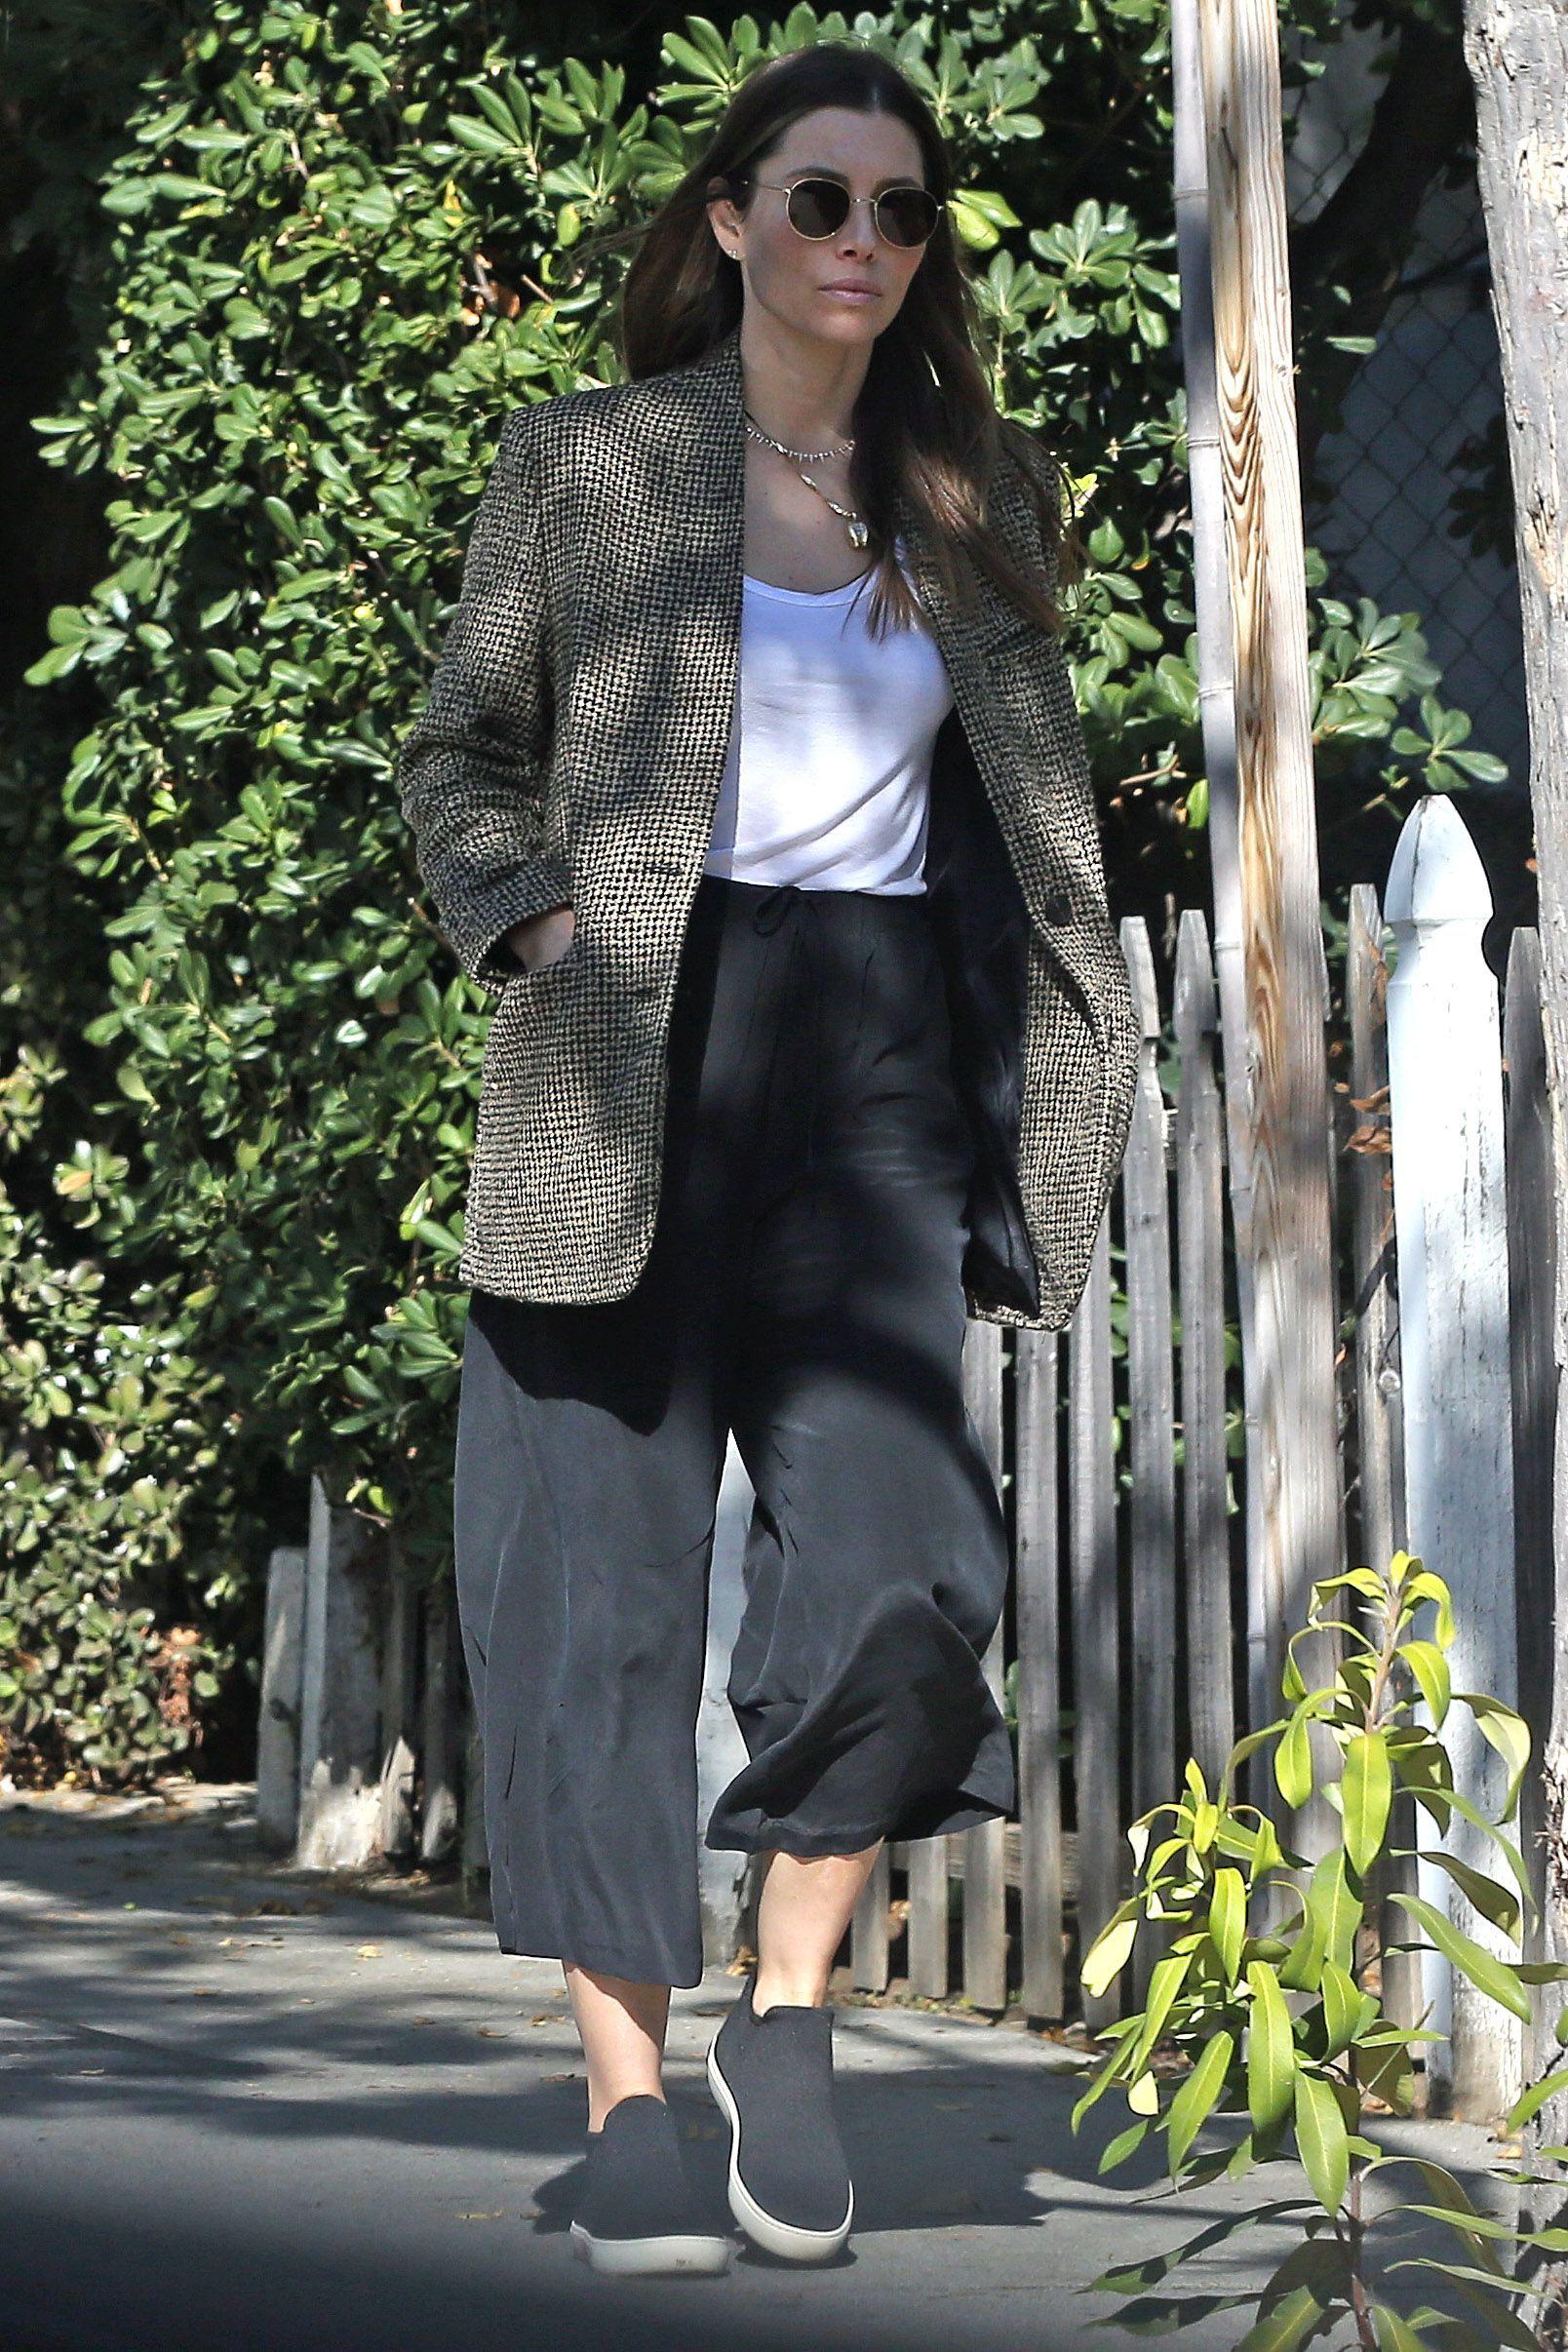 Giacca Moda Inverno 2020: il modello in tweed di Jessica